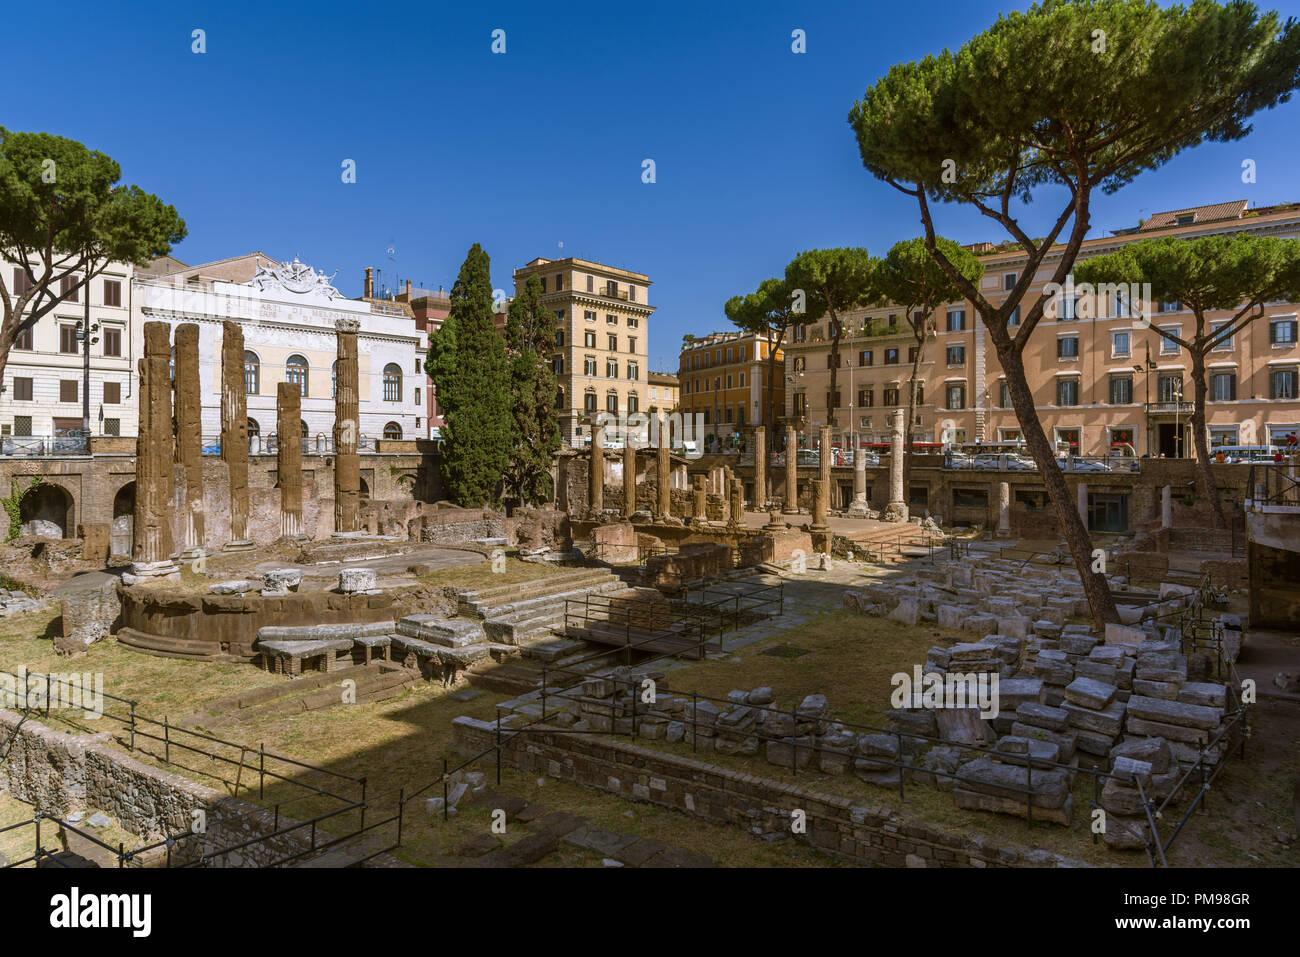 Largo di Torre Argentina, Roma, Italia Imagen De Stock